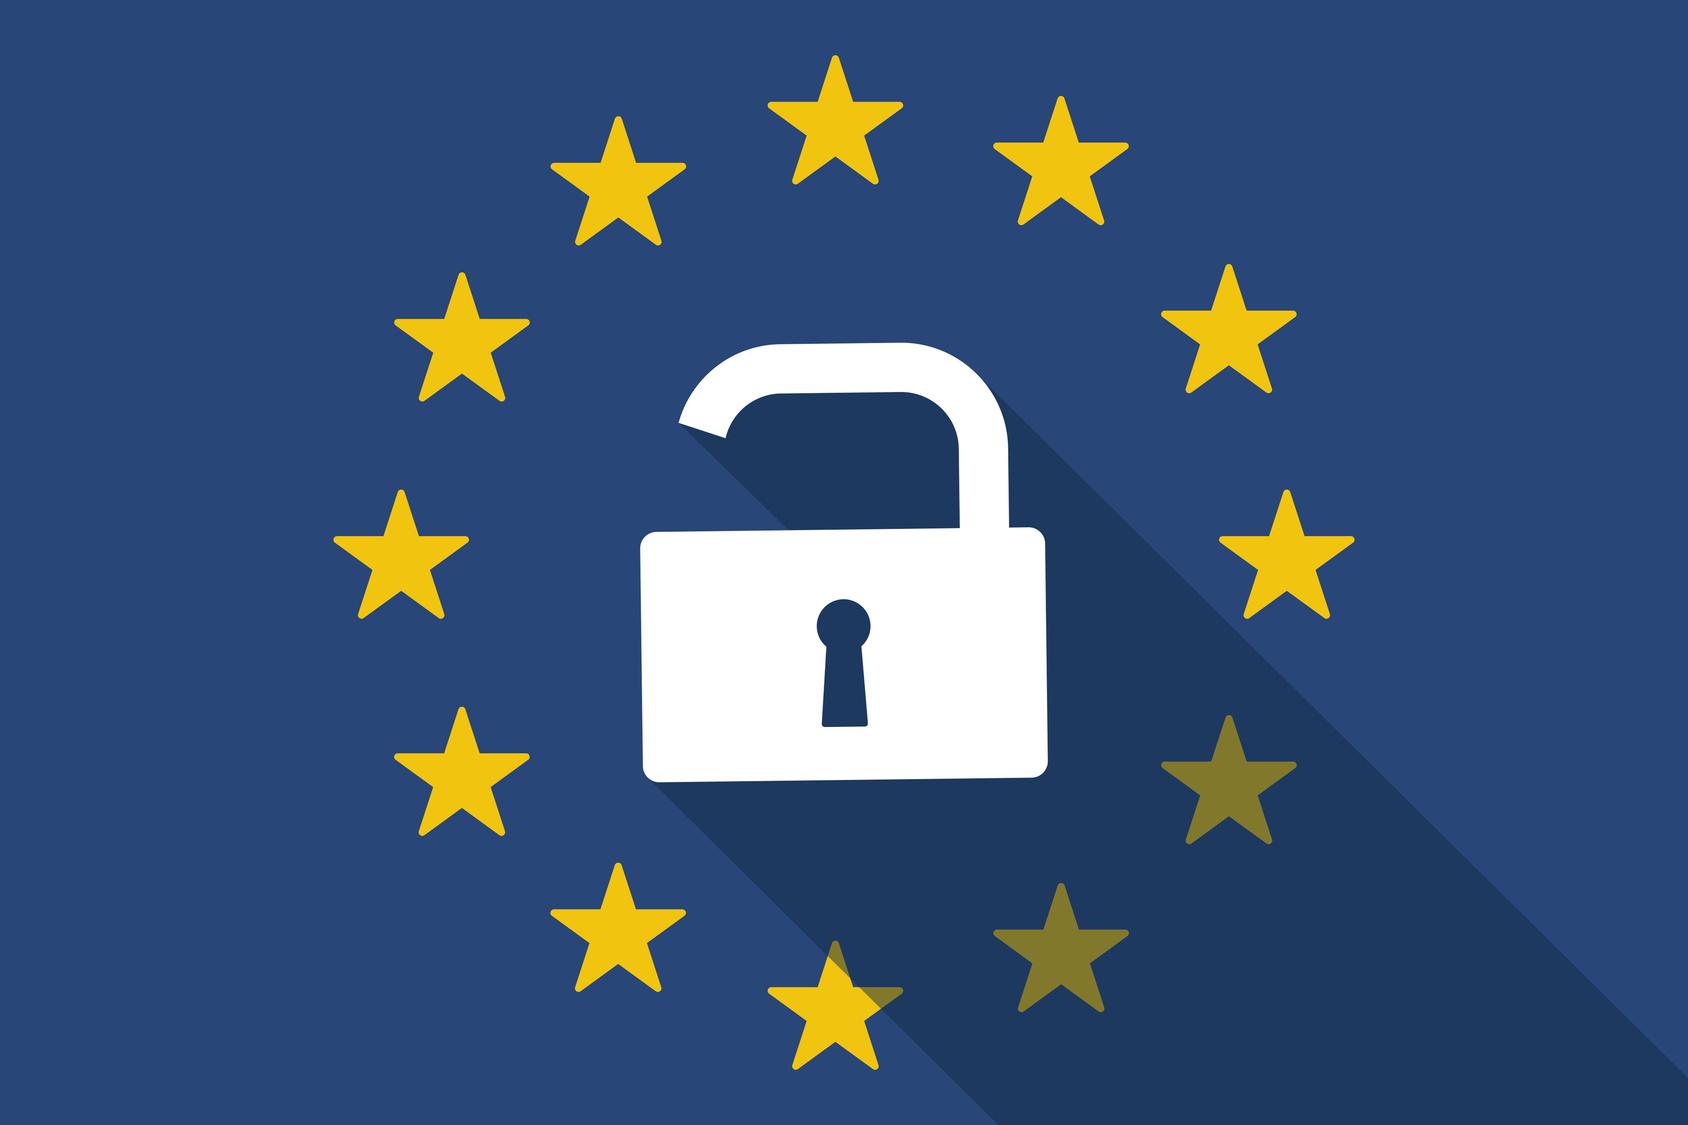 L'Europe de la cybersécurité : peut-on y croire ?